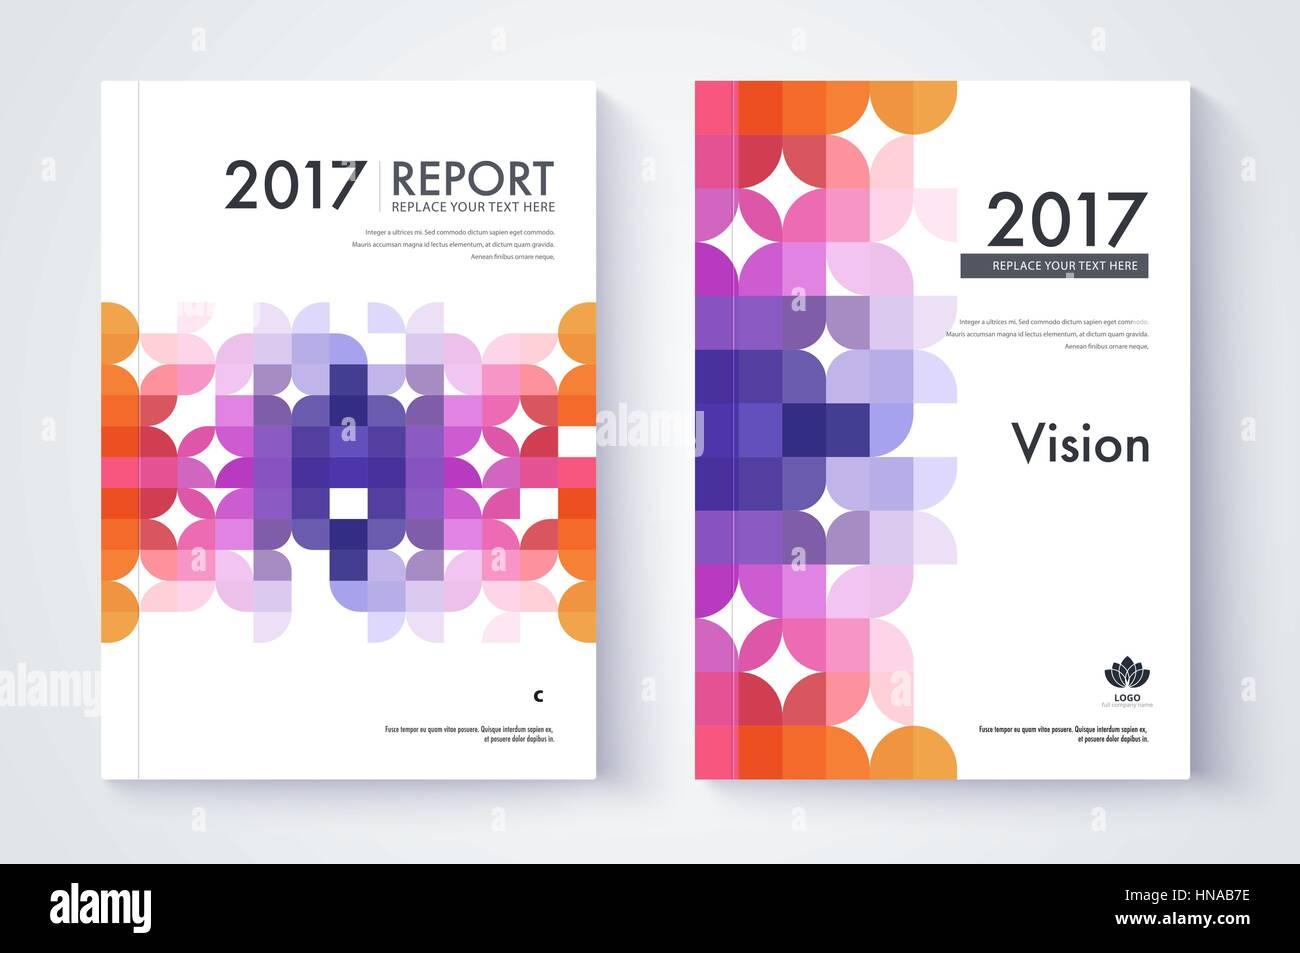 Company Profile Template. Cover Design. Vector Template Background  It Company Profile Template